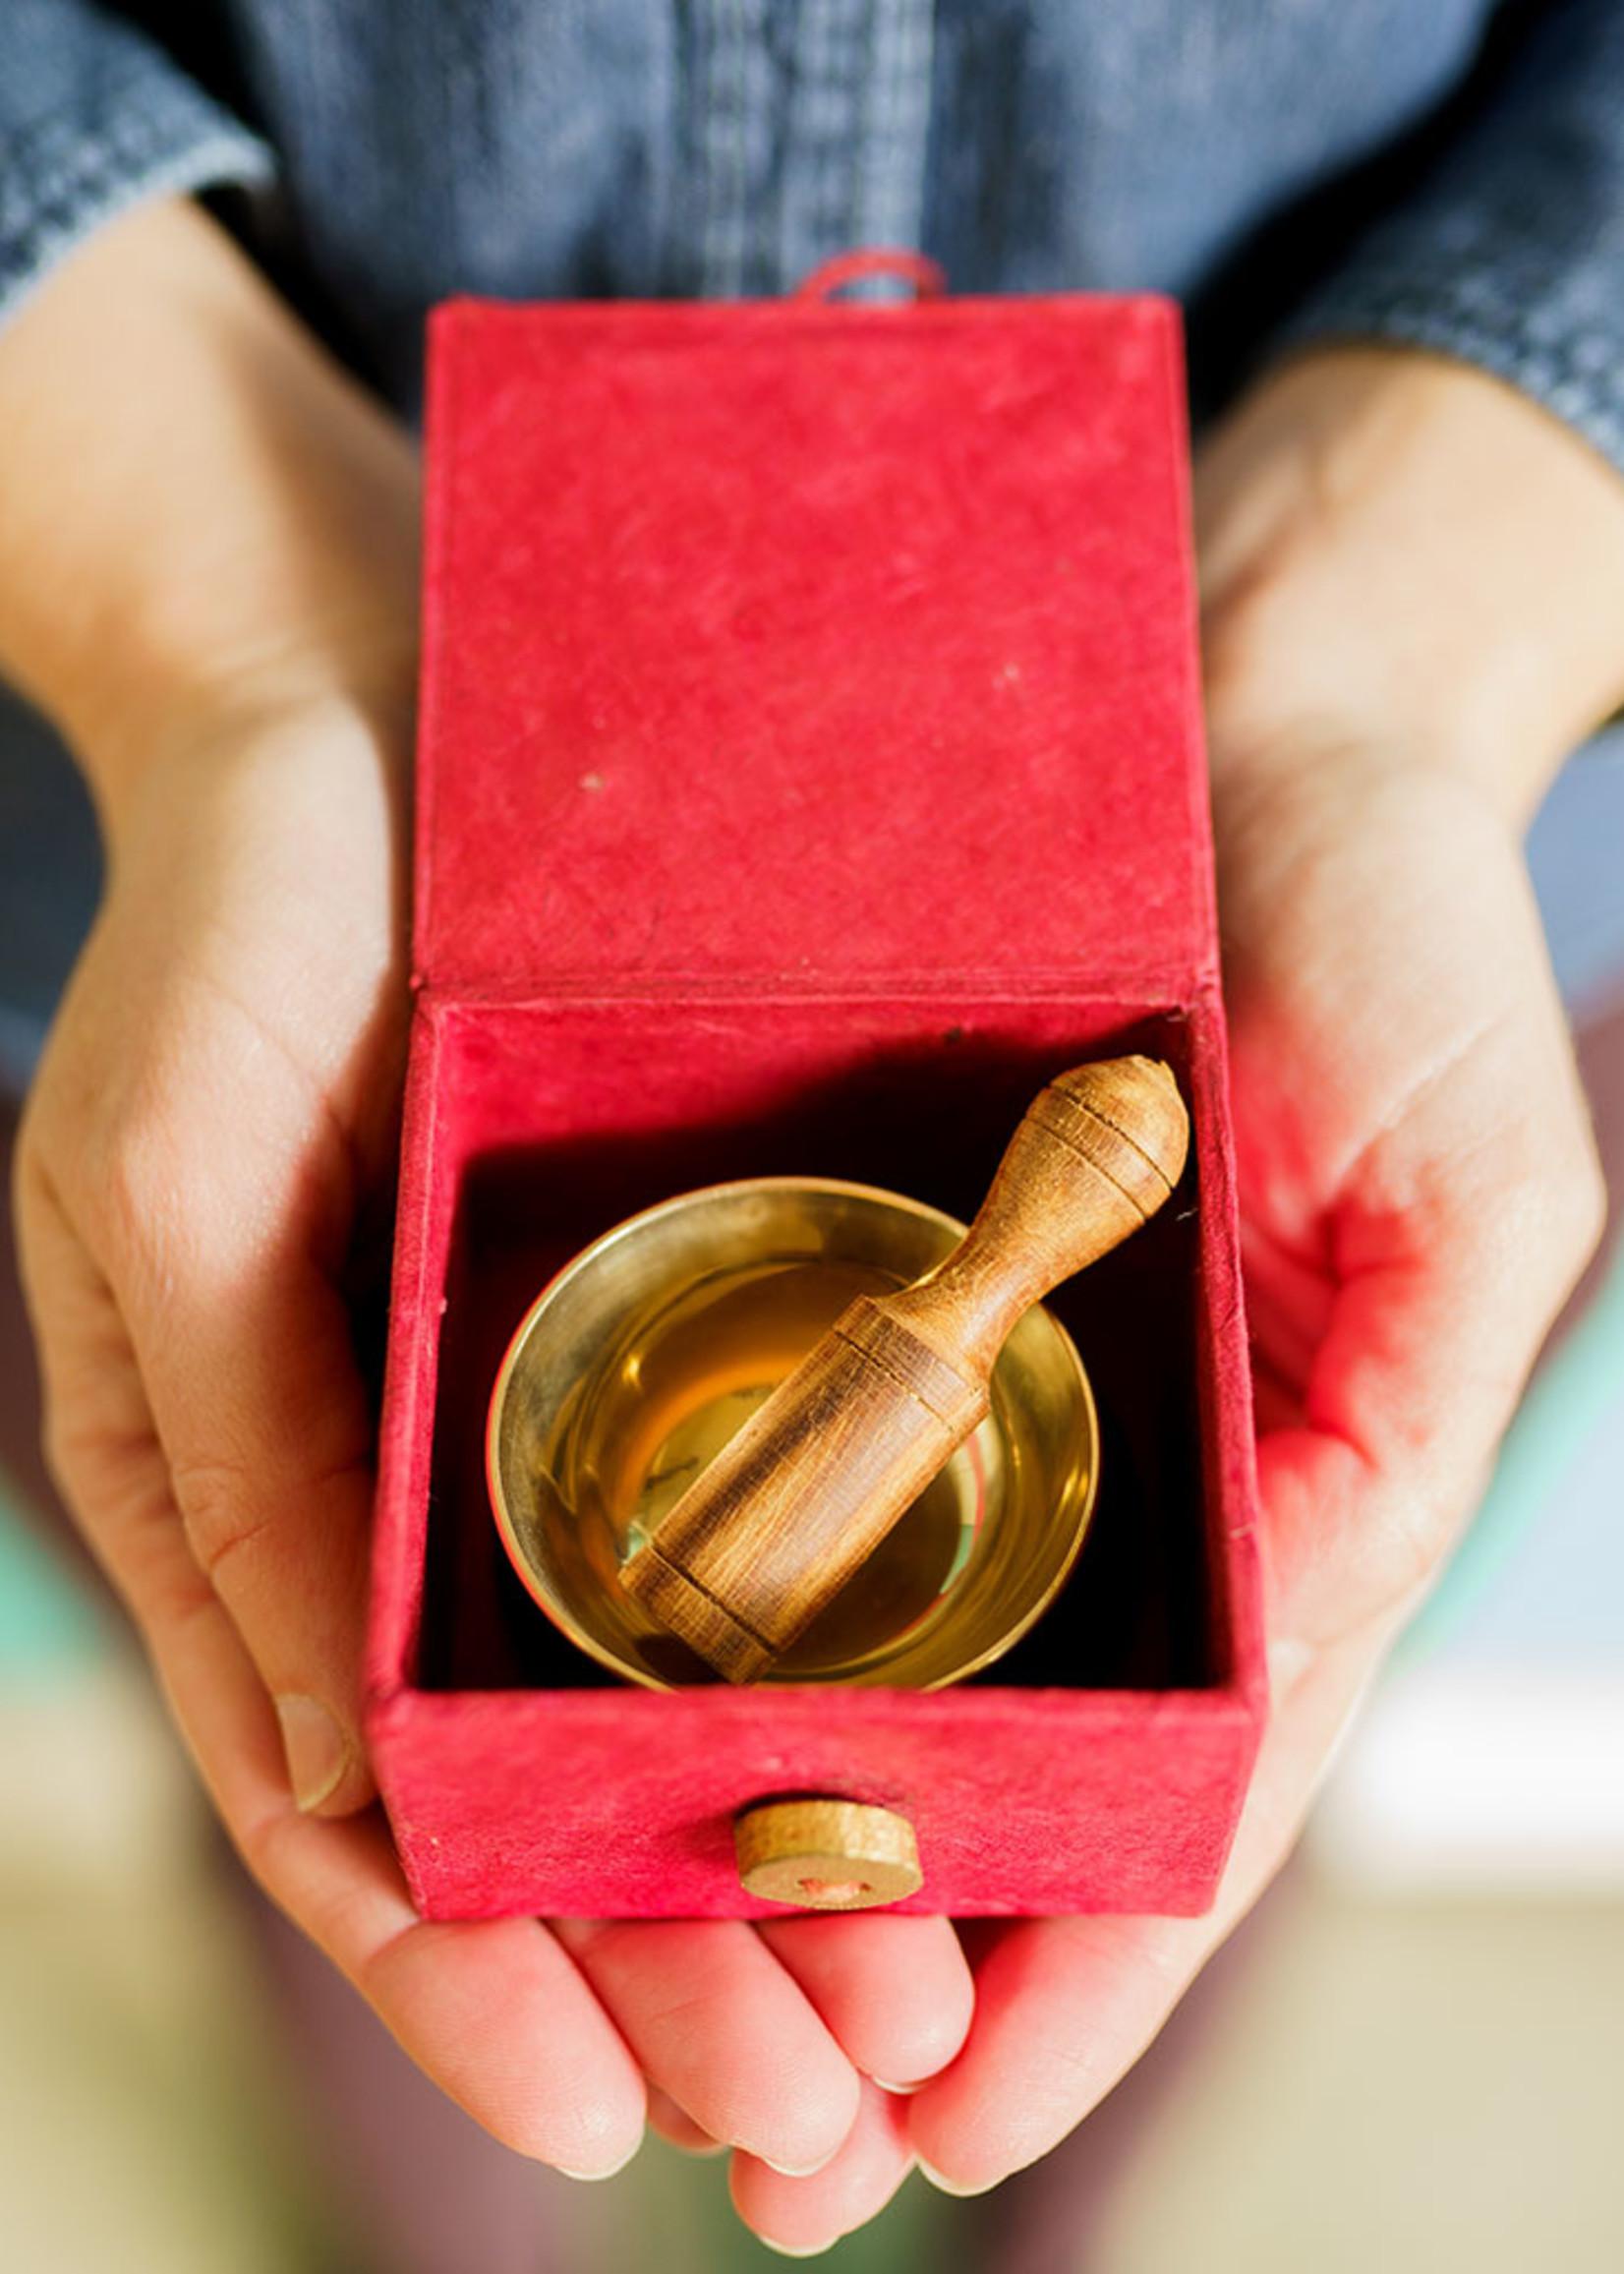 dZi Orange Sacral Chakra Mini Meditation Bowl